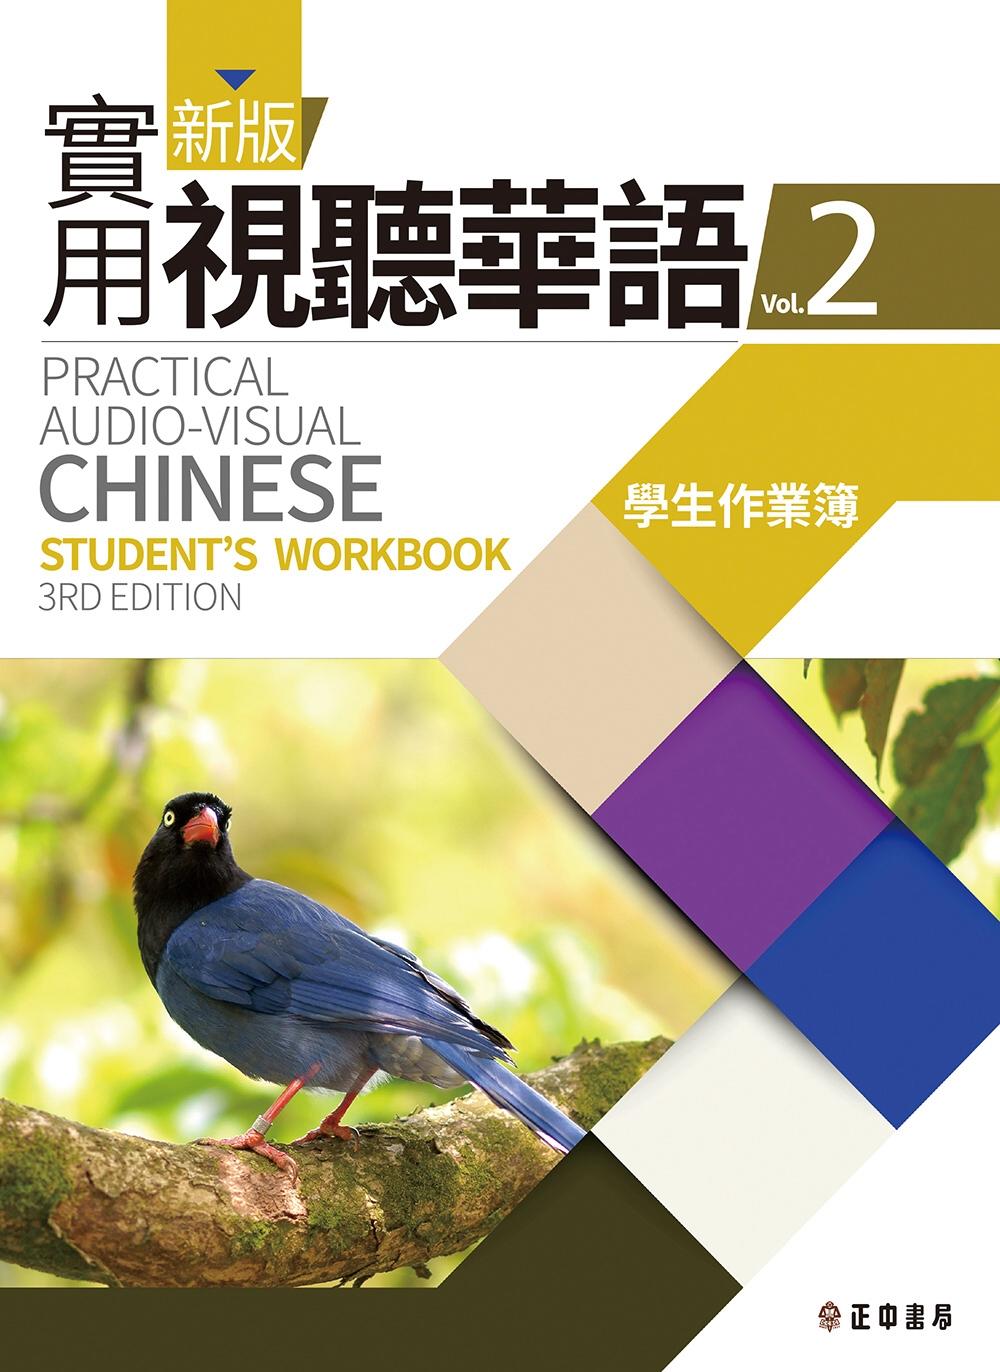 新版實用視聽華語2 學生作業簿(第三版)